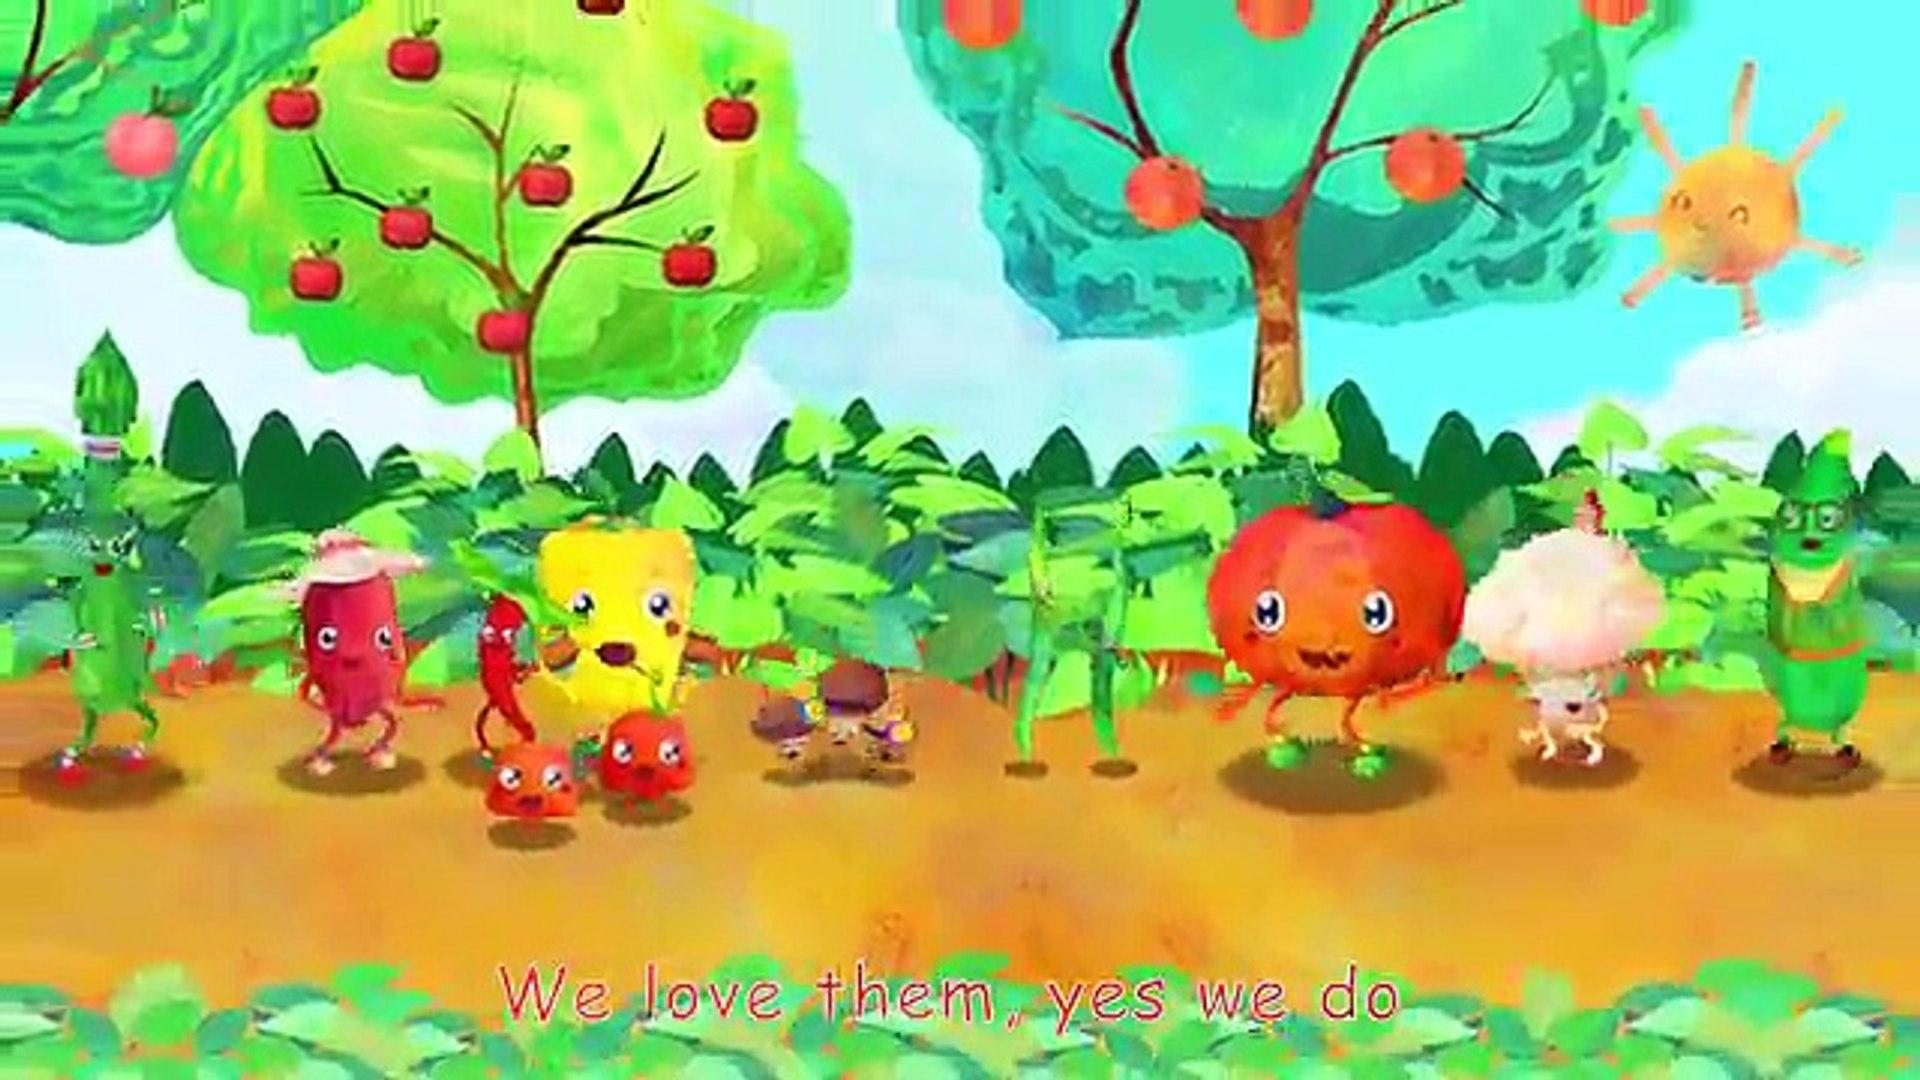 И Дети Подробнее питомник рифмы Песня песни овощи |